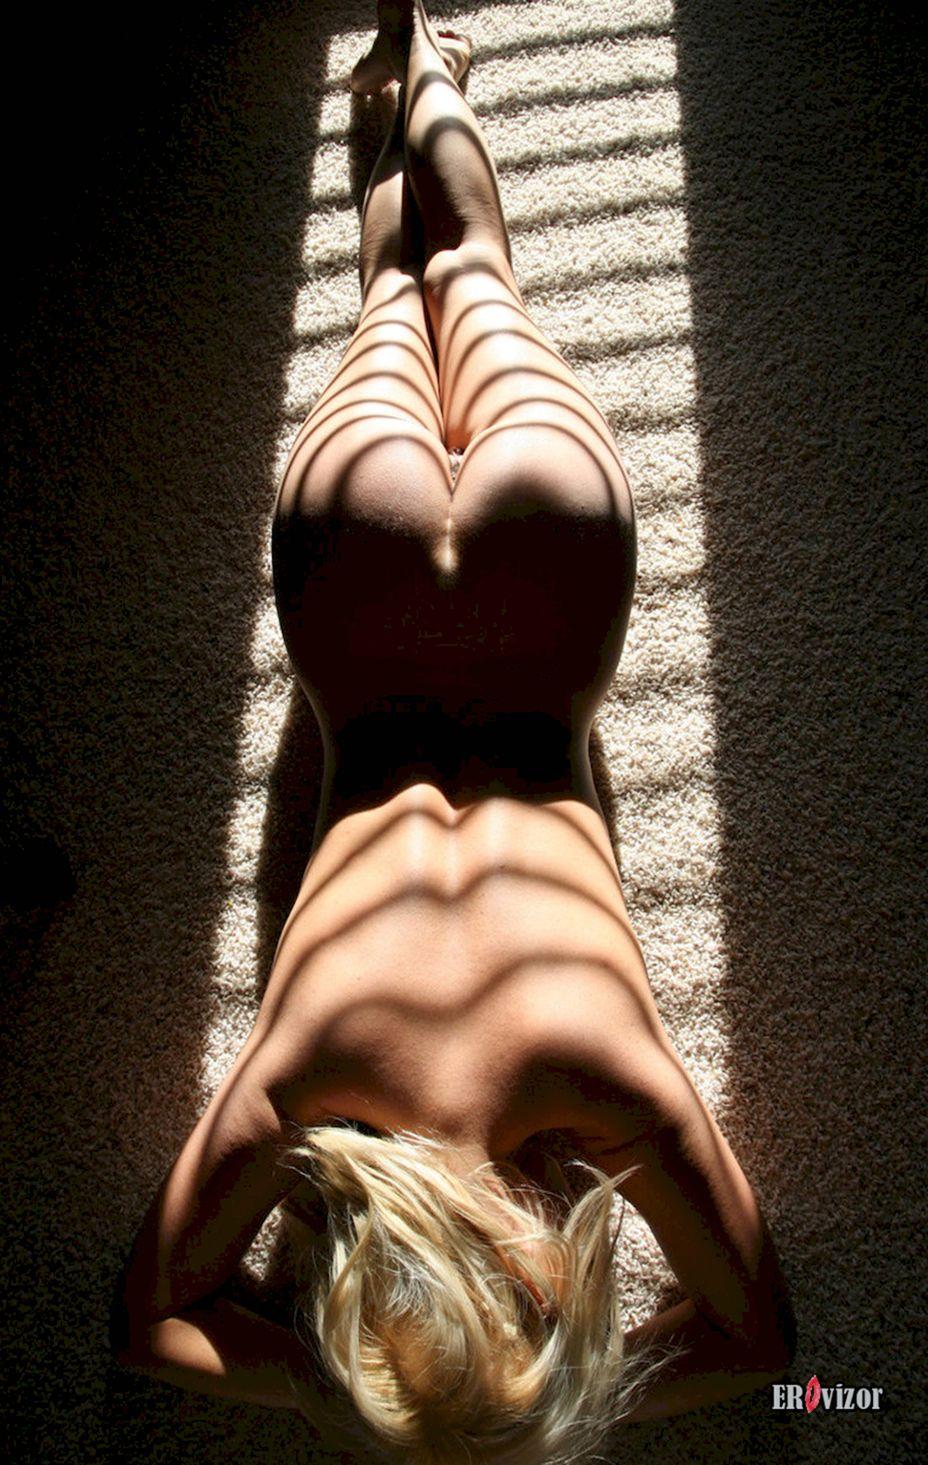 erotic_shadow_jaluzee (5)